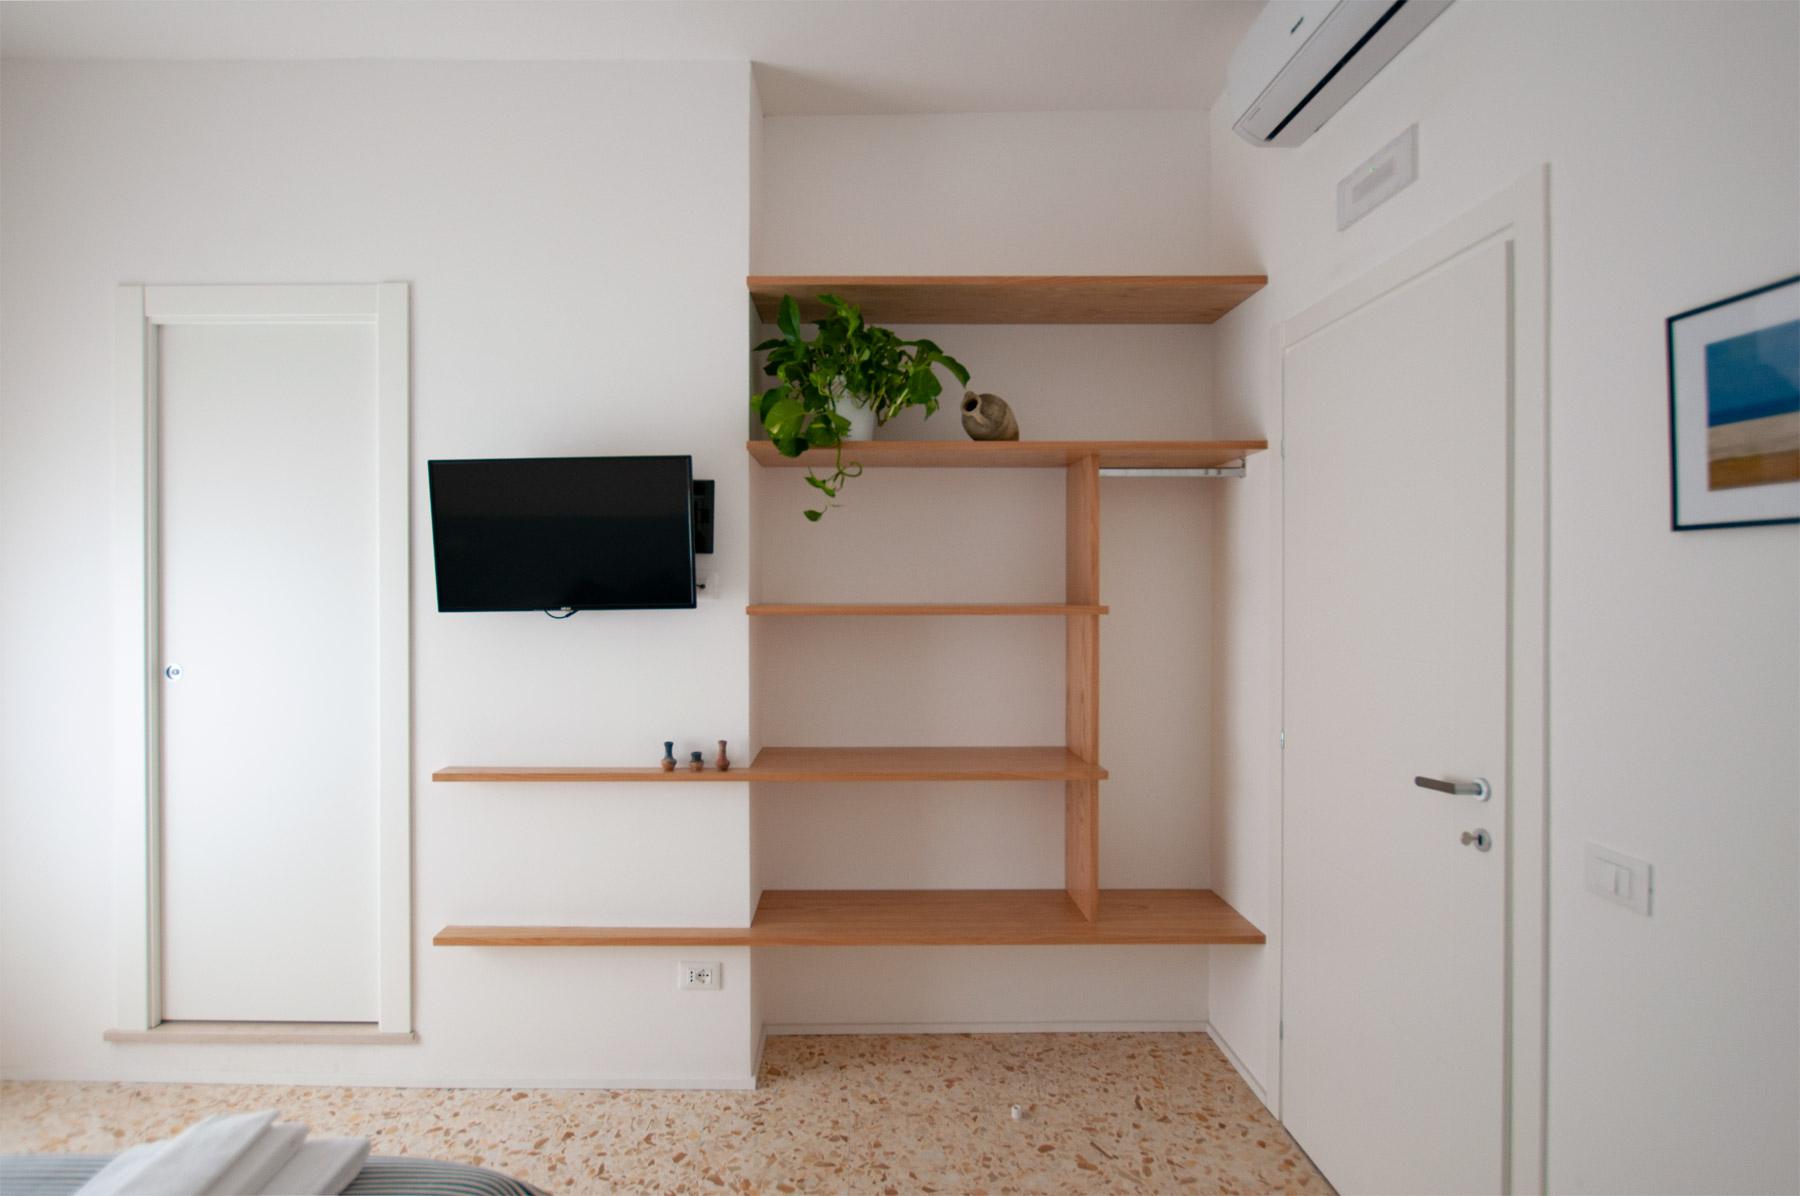 armadio-camera-2-casa27-b&b-terracina